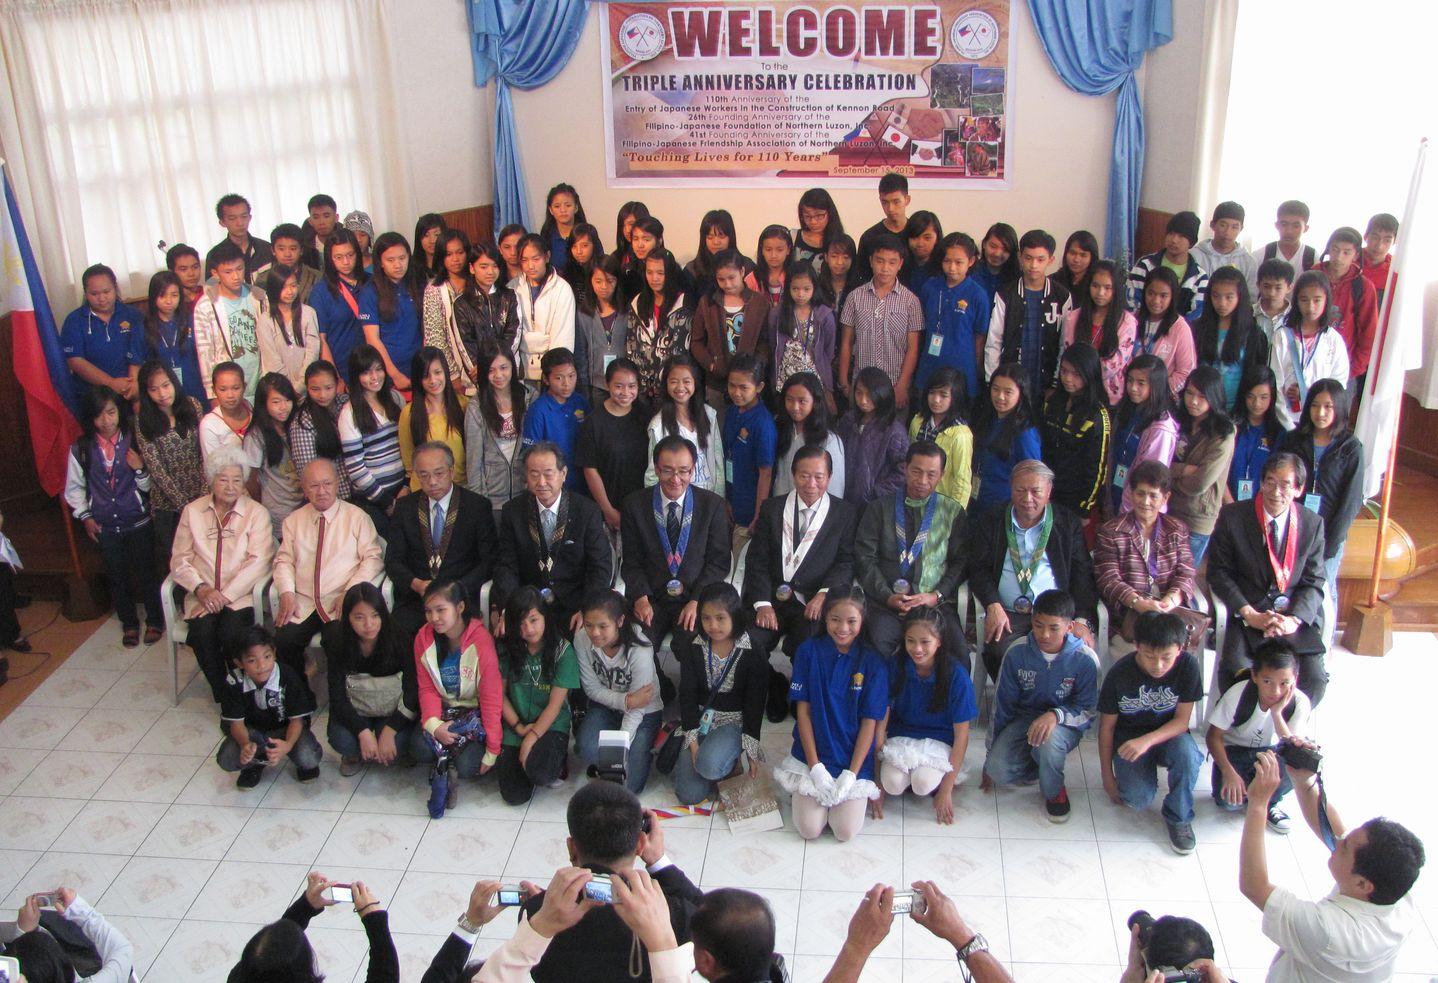 フィリピン・北ルソンの日系人 移民110周年を祝う Triple Anniversary, in Baguio_a0109542_16304425.jpg